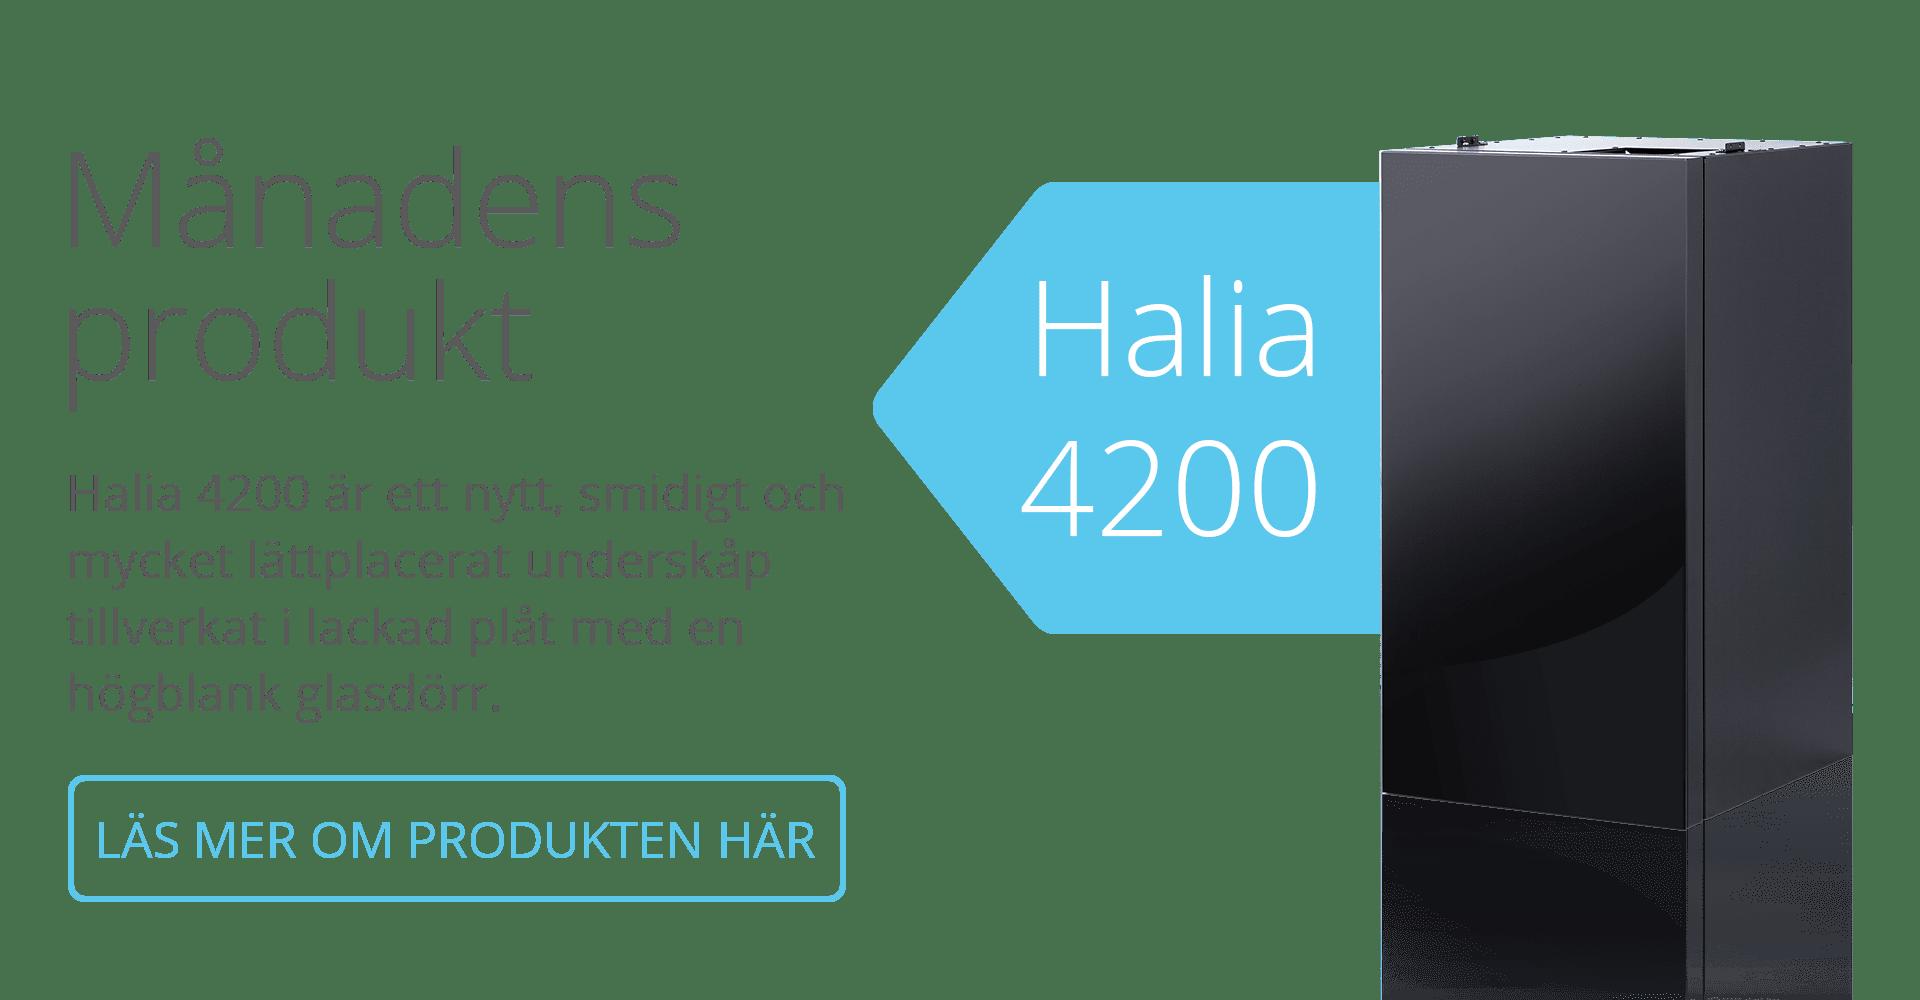 Månadens produkt Halia 4200